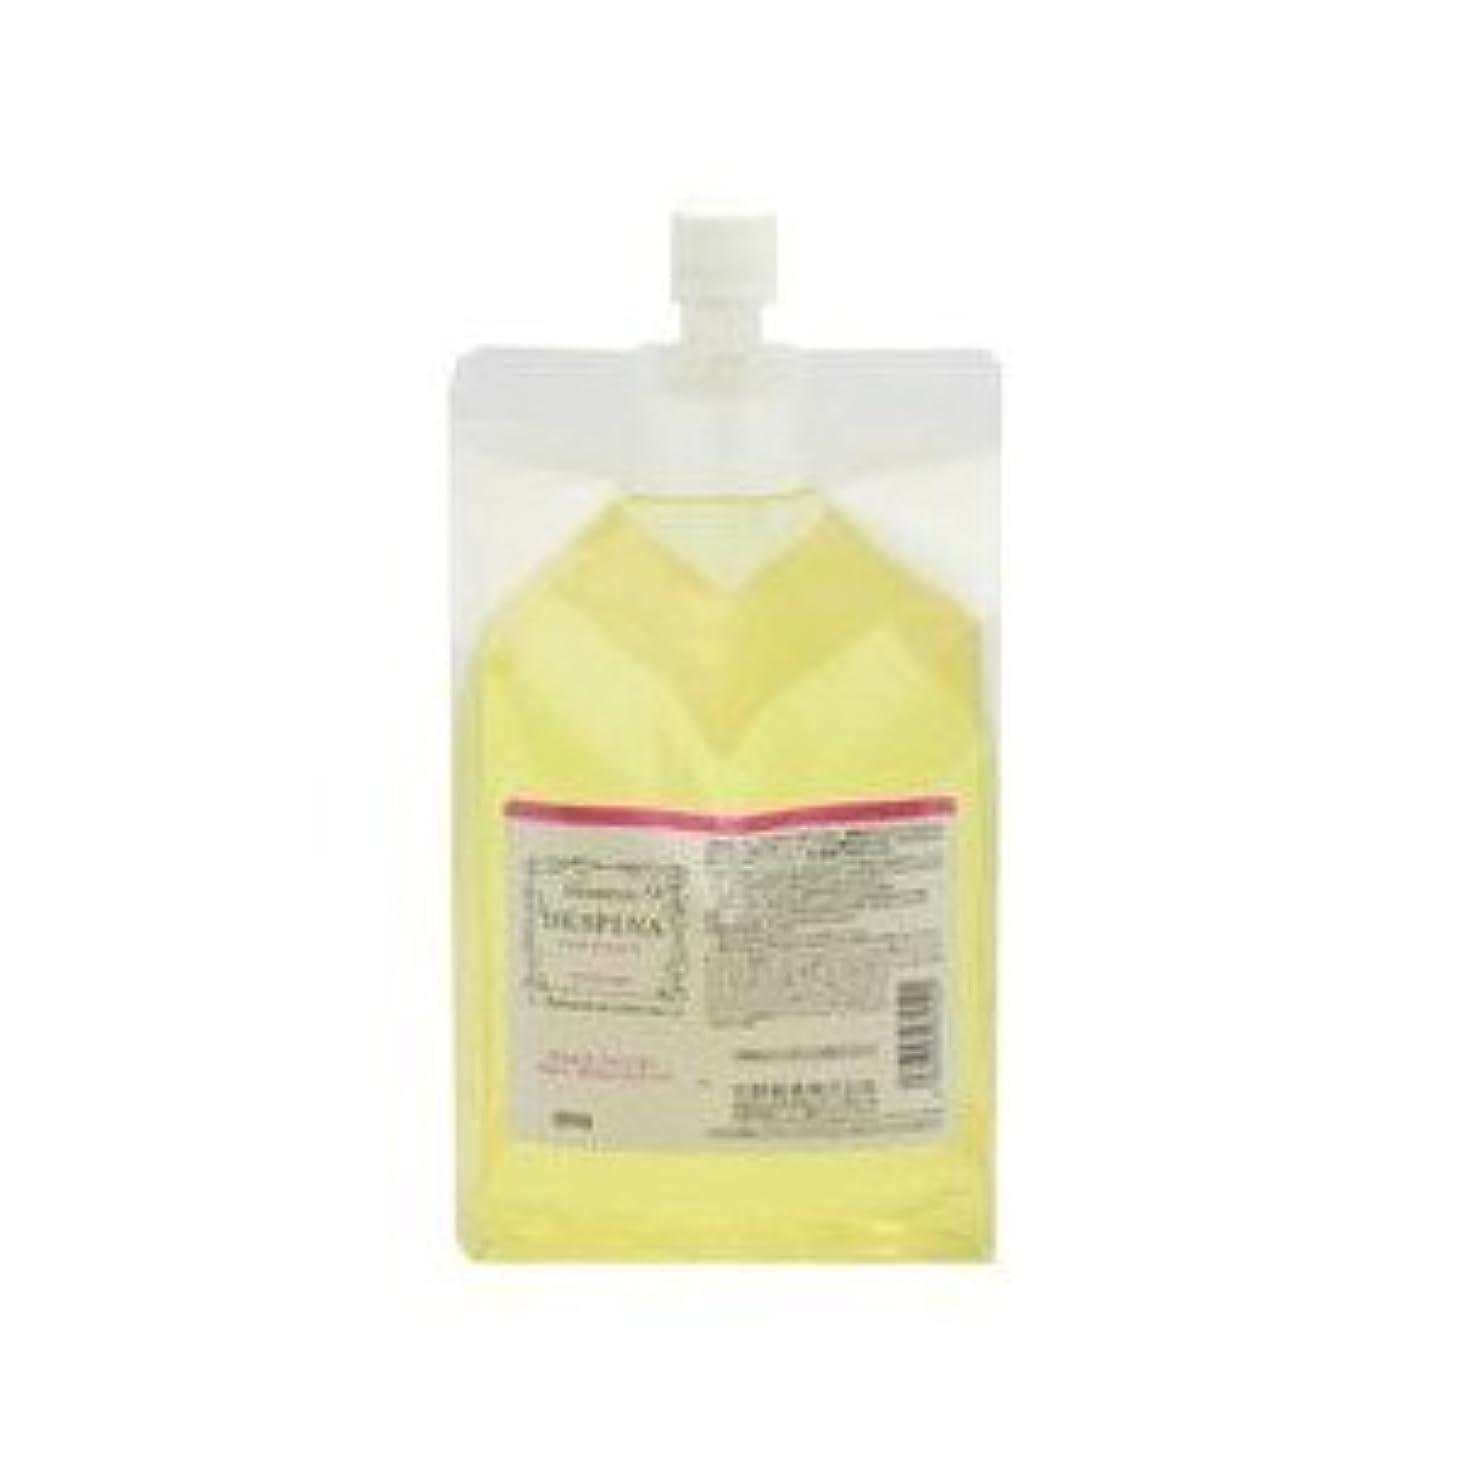 和らげる一口経験的中野製薬 デスピナ シャンプー カラー ボリュームアップ 1500ml